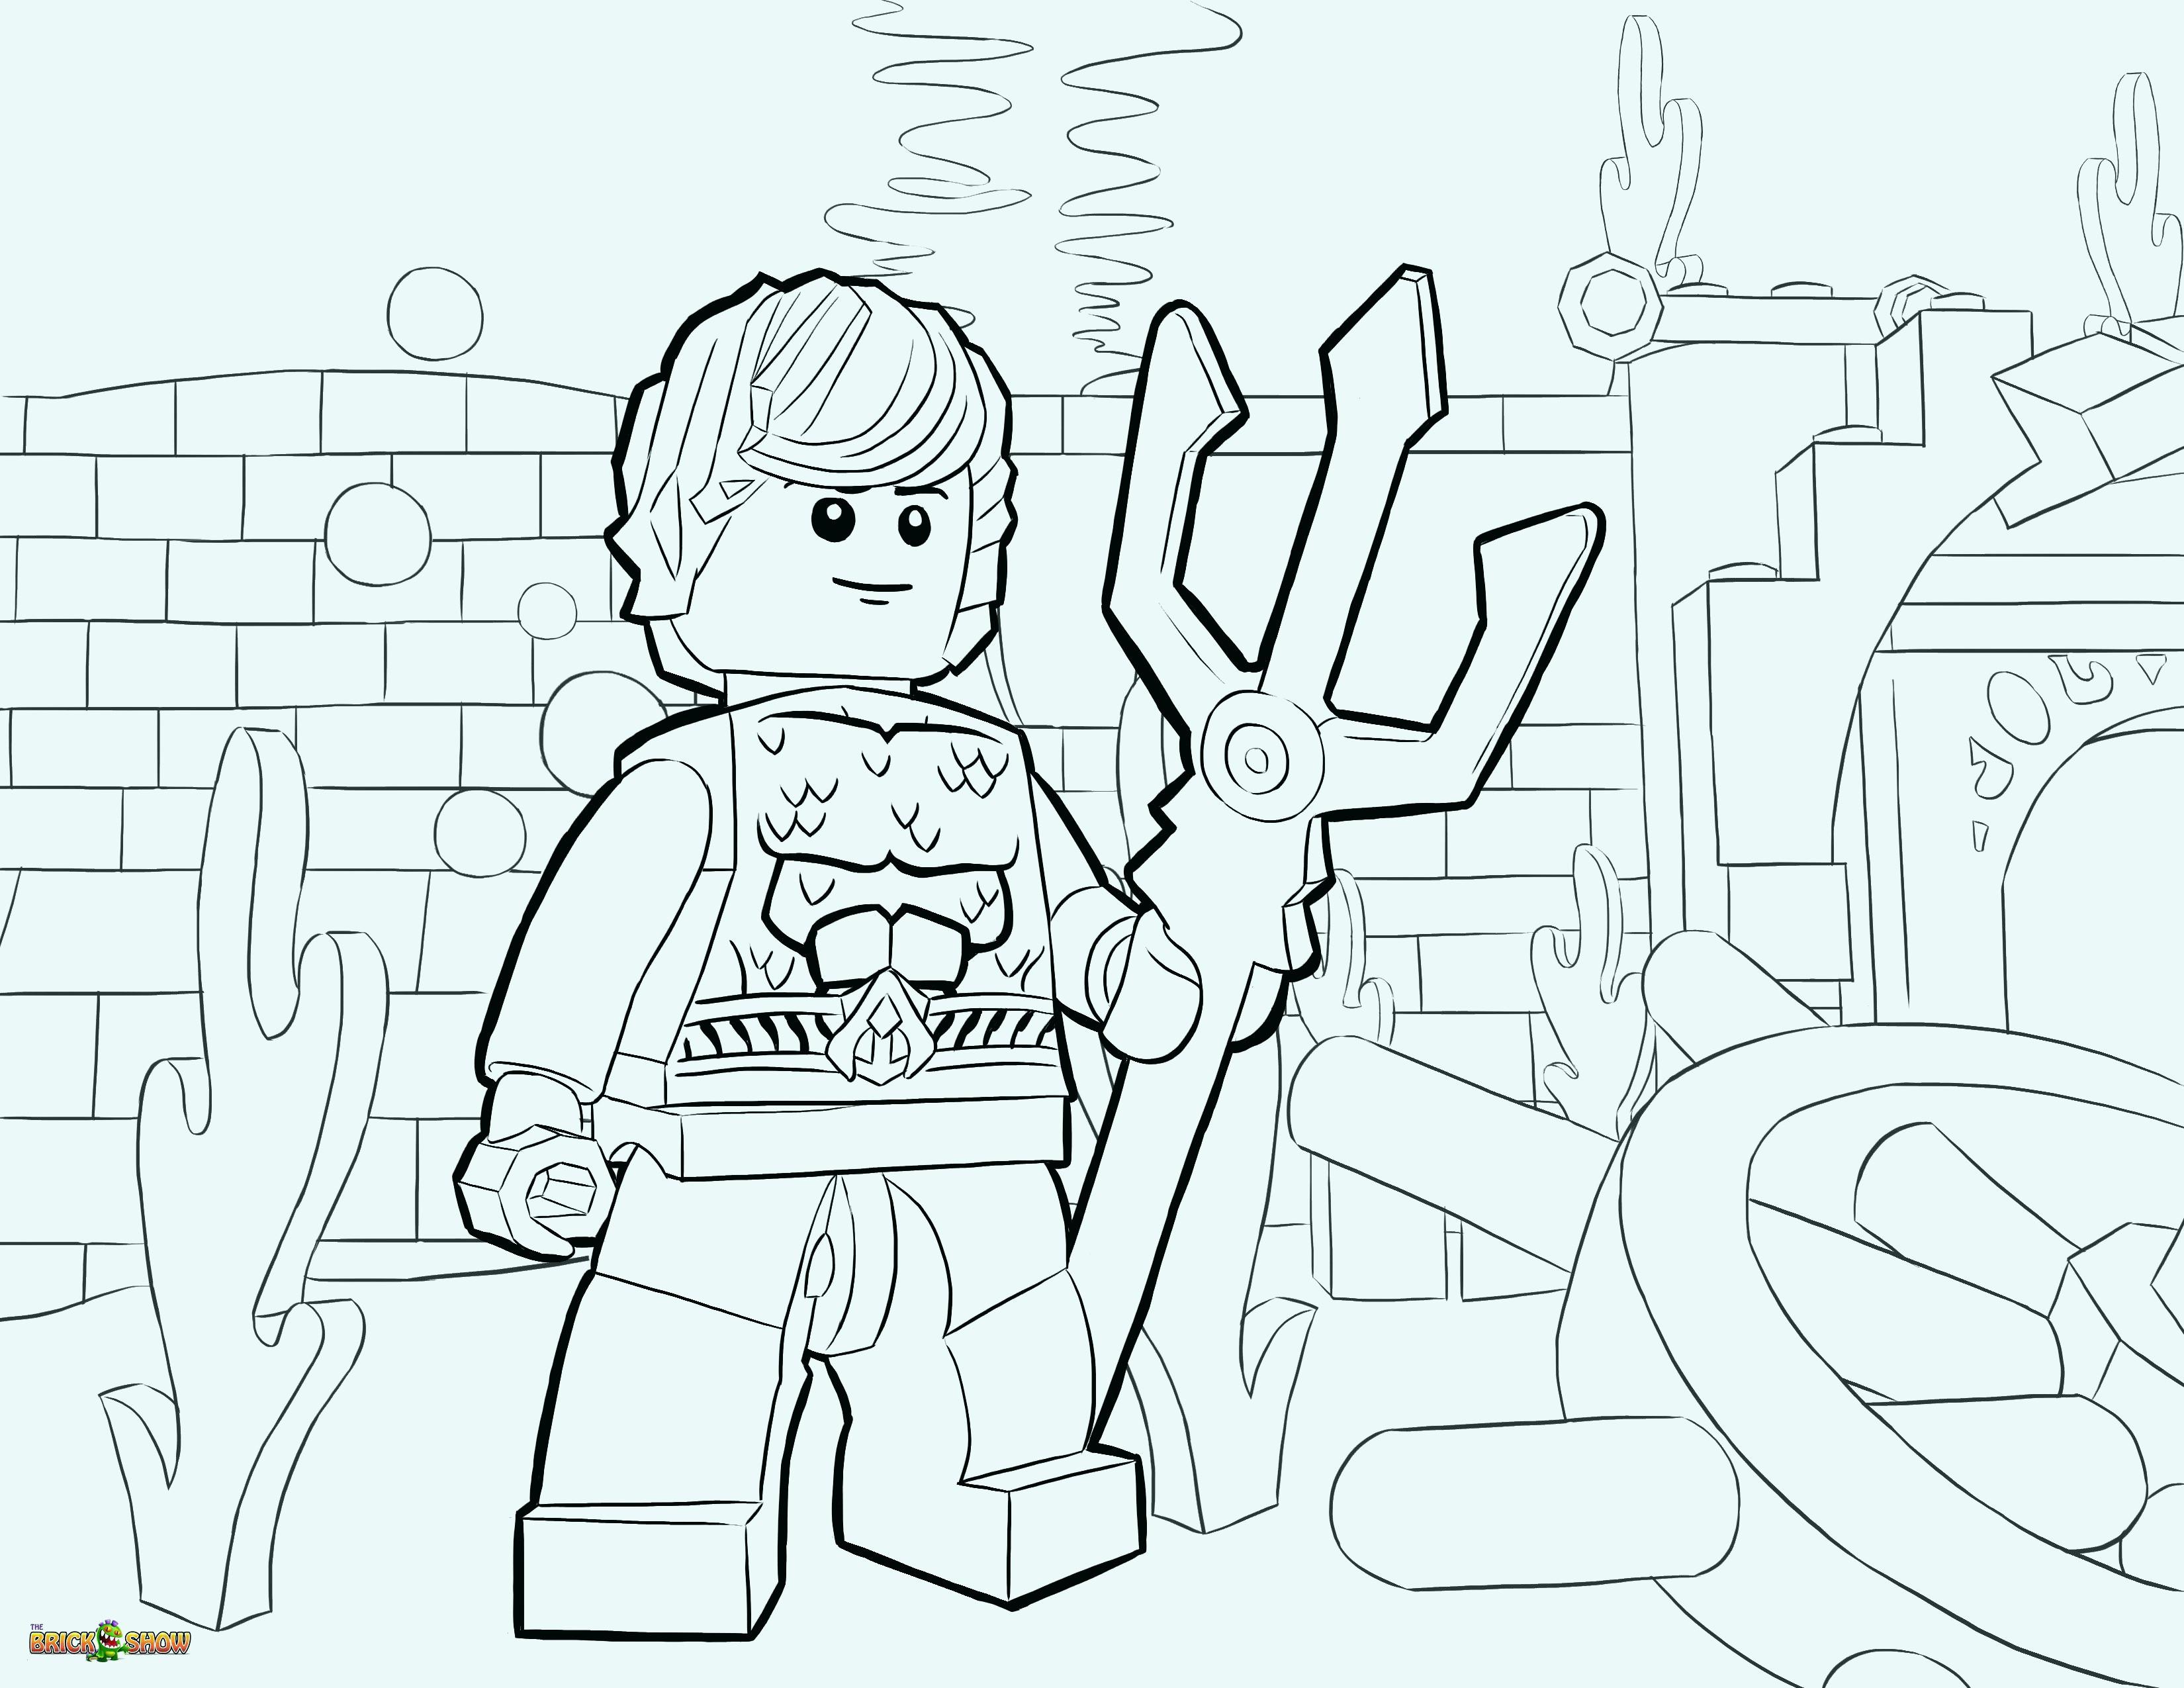 Ausmalbild Bob Der Baumeister Inspirierend Ausmalbilder Bob Der Baumeister Best Ausmalbilder Lego Spiderman Fotografieren